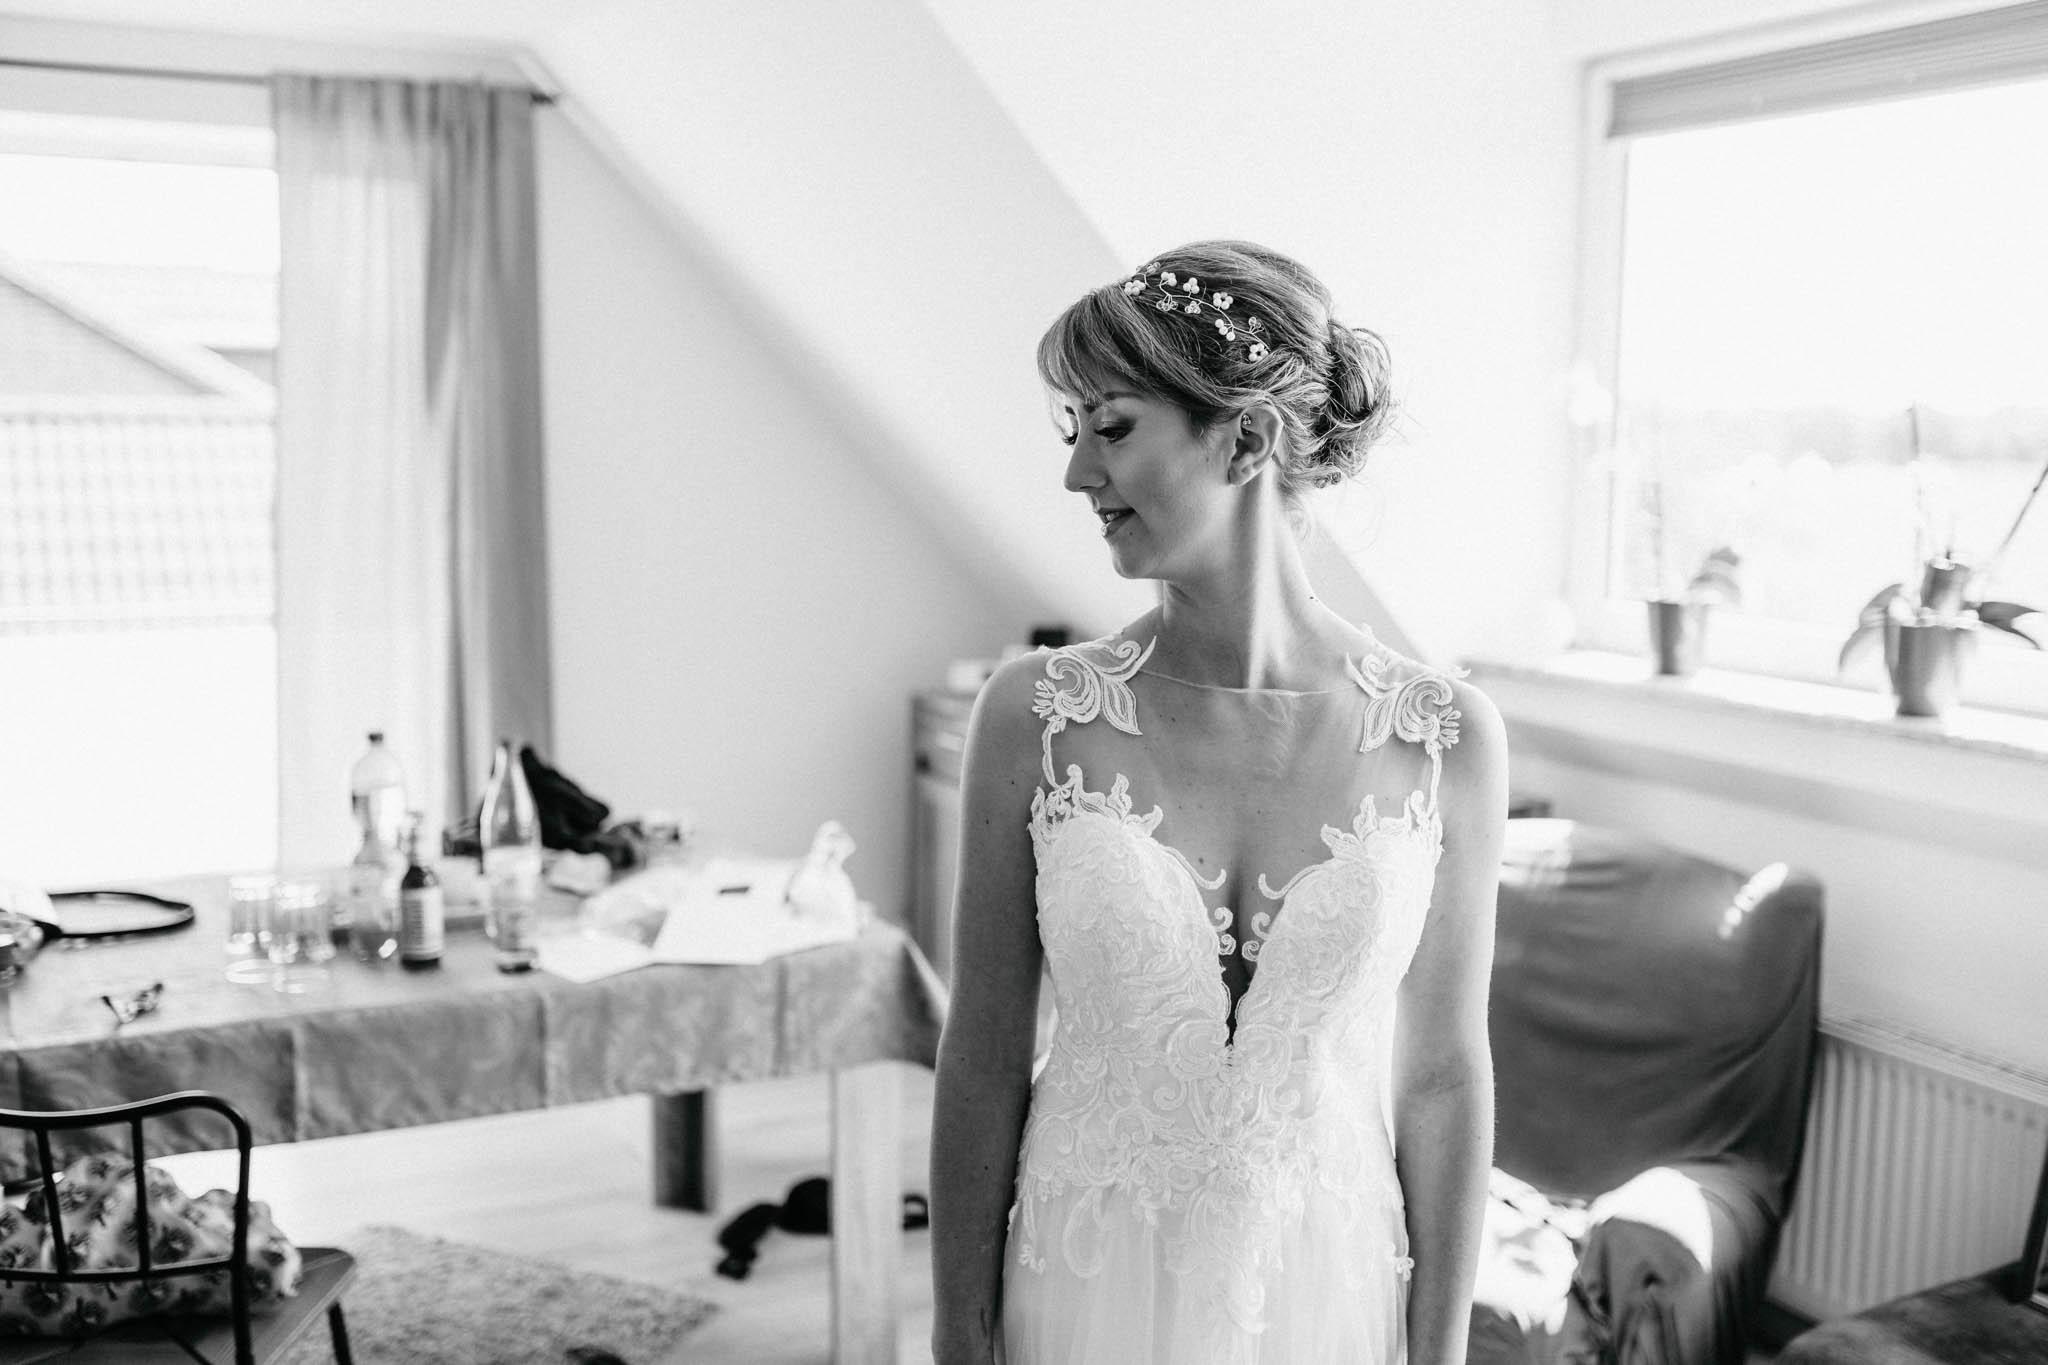 Hochzeitsfieber by Photo-Schomburg, Hoichzeitsfotograf, Hamburg, Wedding, Weddingtime, Hochzeitspaar, Braut, Bräutigam, Hochzeit im Norden,-28